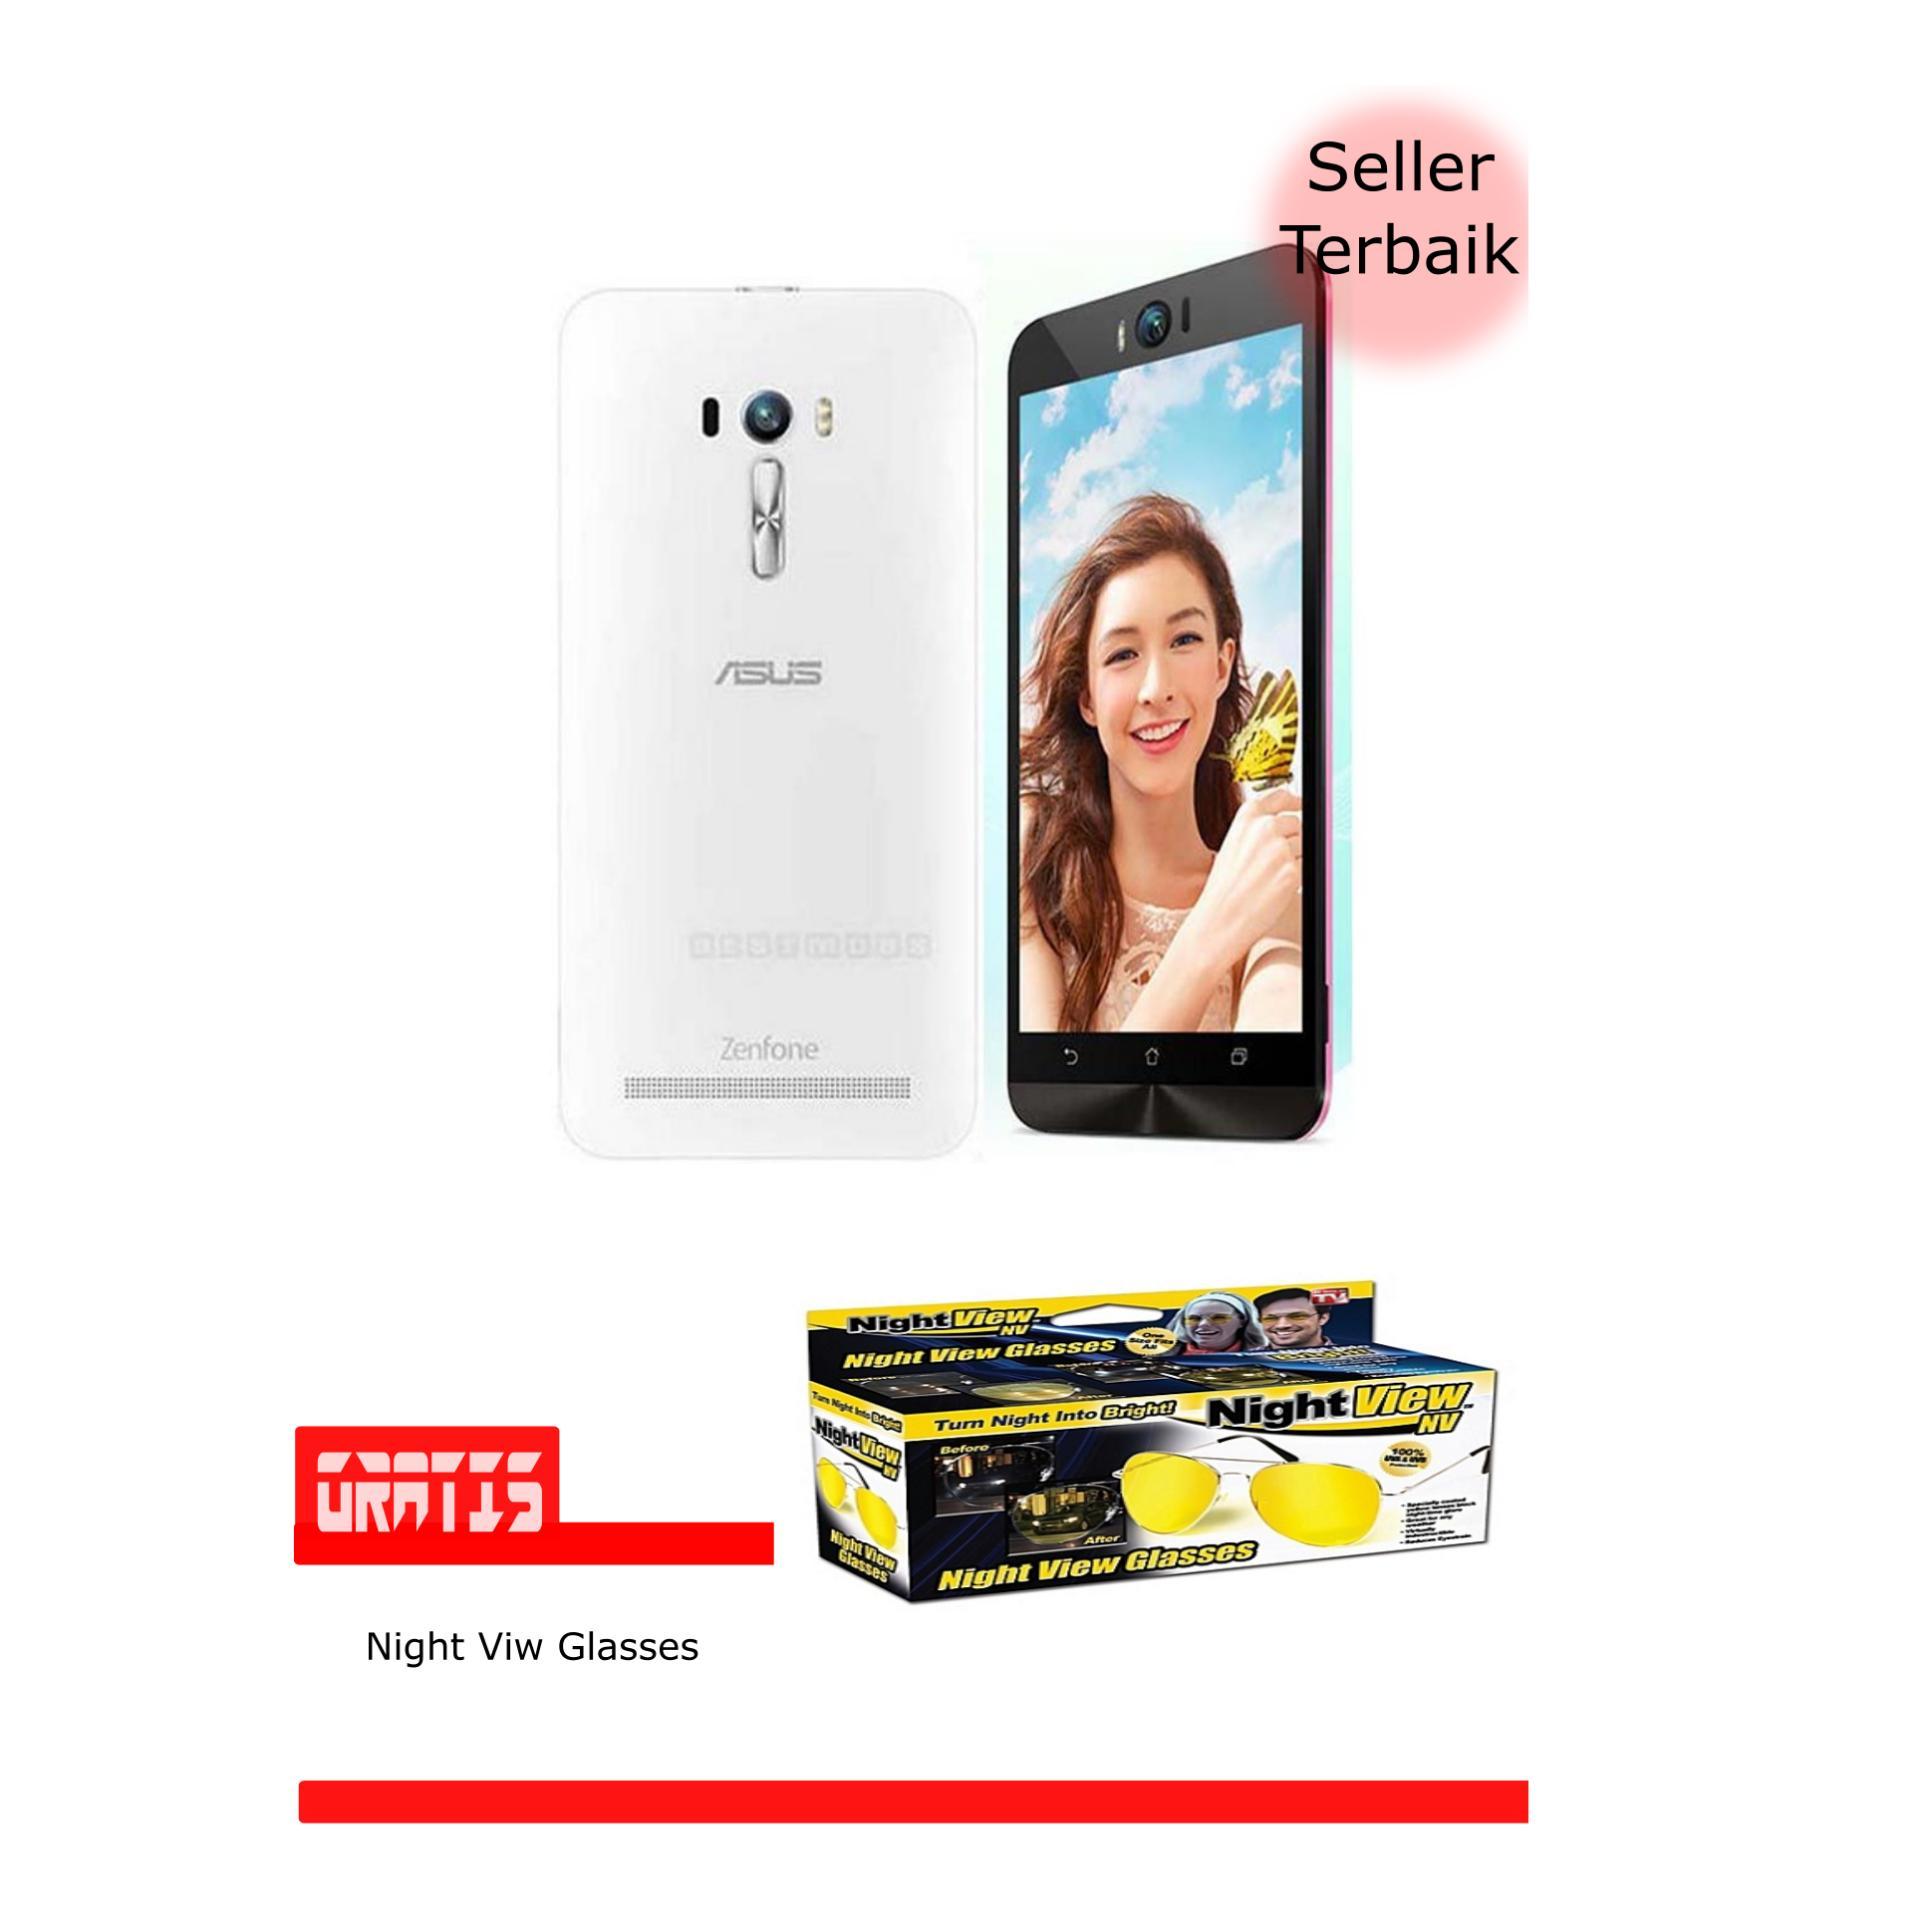 Perbandingan Harga Asus Zenfone Selfie Zd551kl 3 32 White With Night Selfi 32gb Garansi Resmi View Glasses Termurah